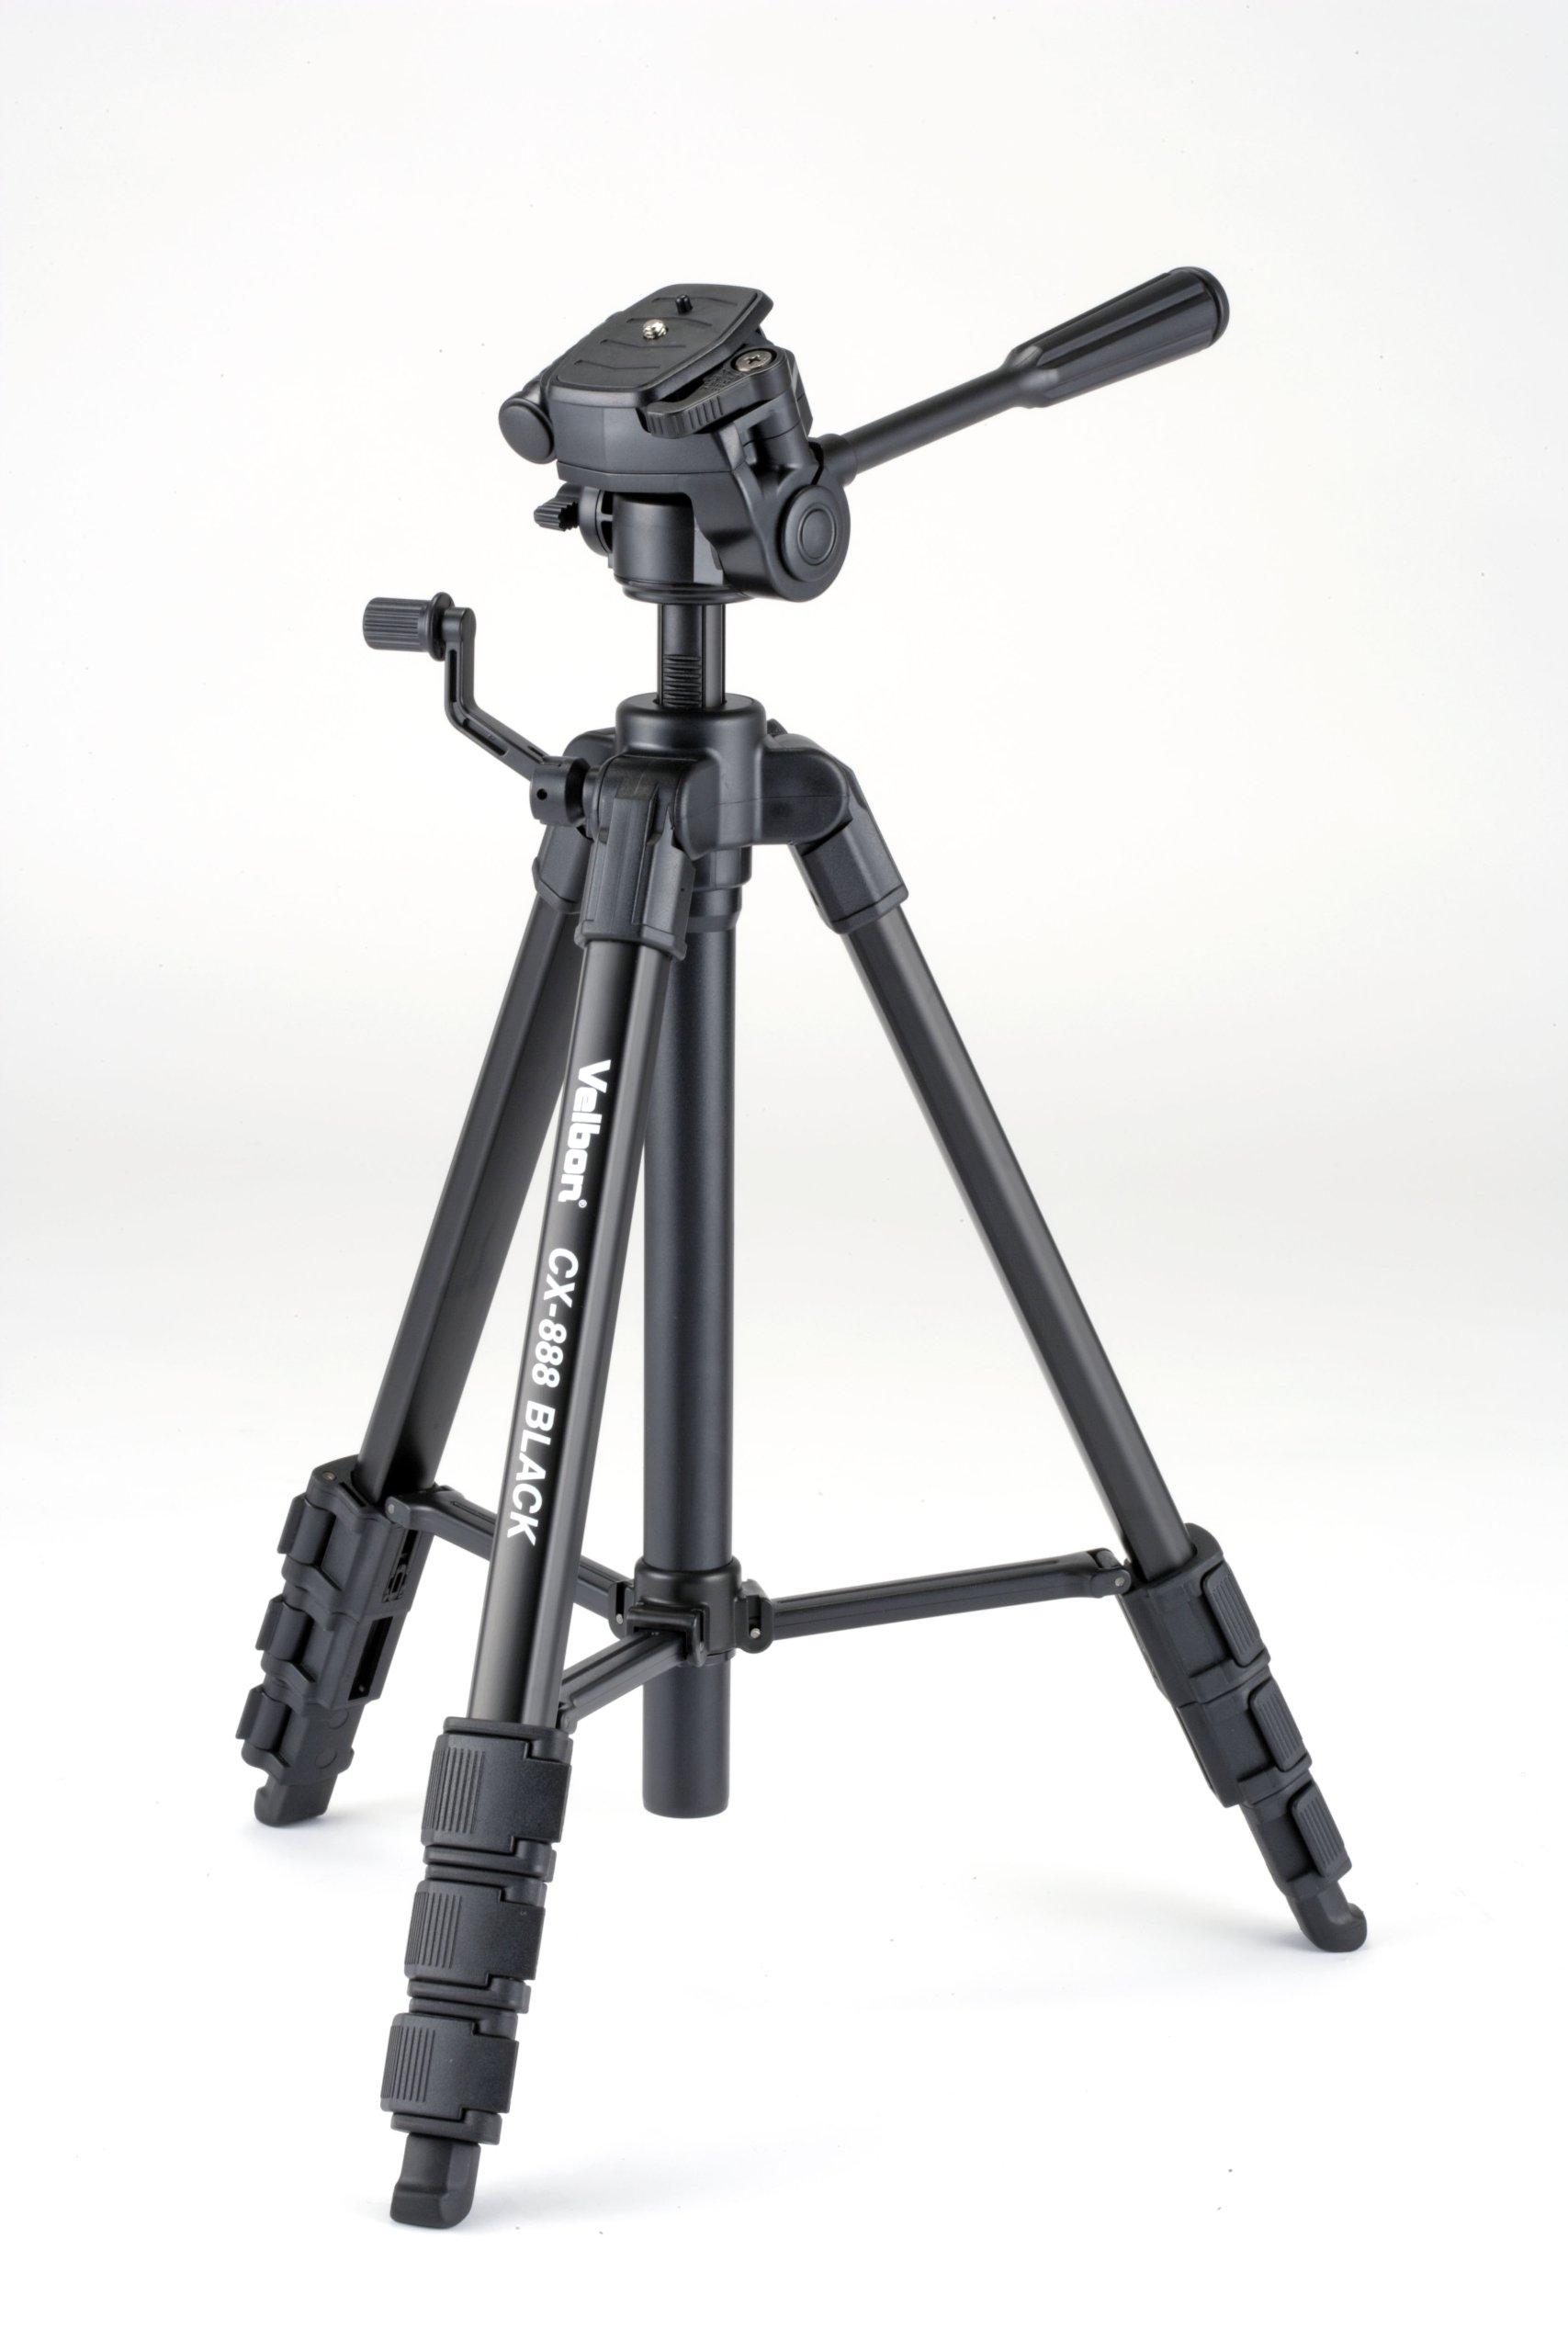 Velbon CX-888 Tripod for DSLR Cameras by Velbon